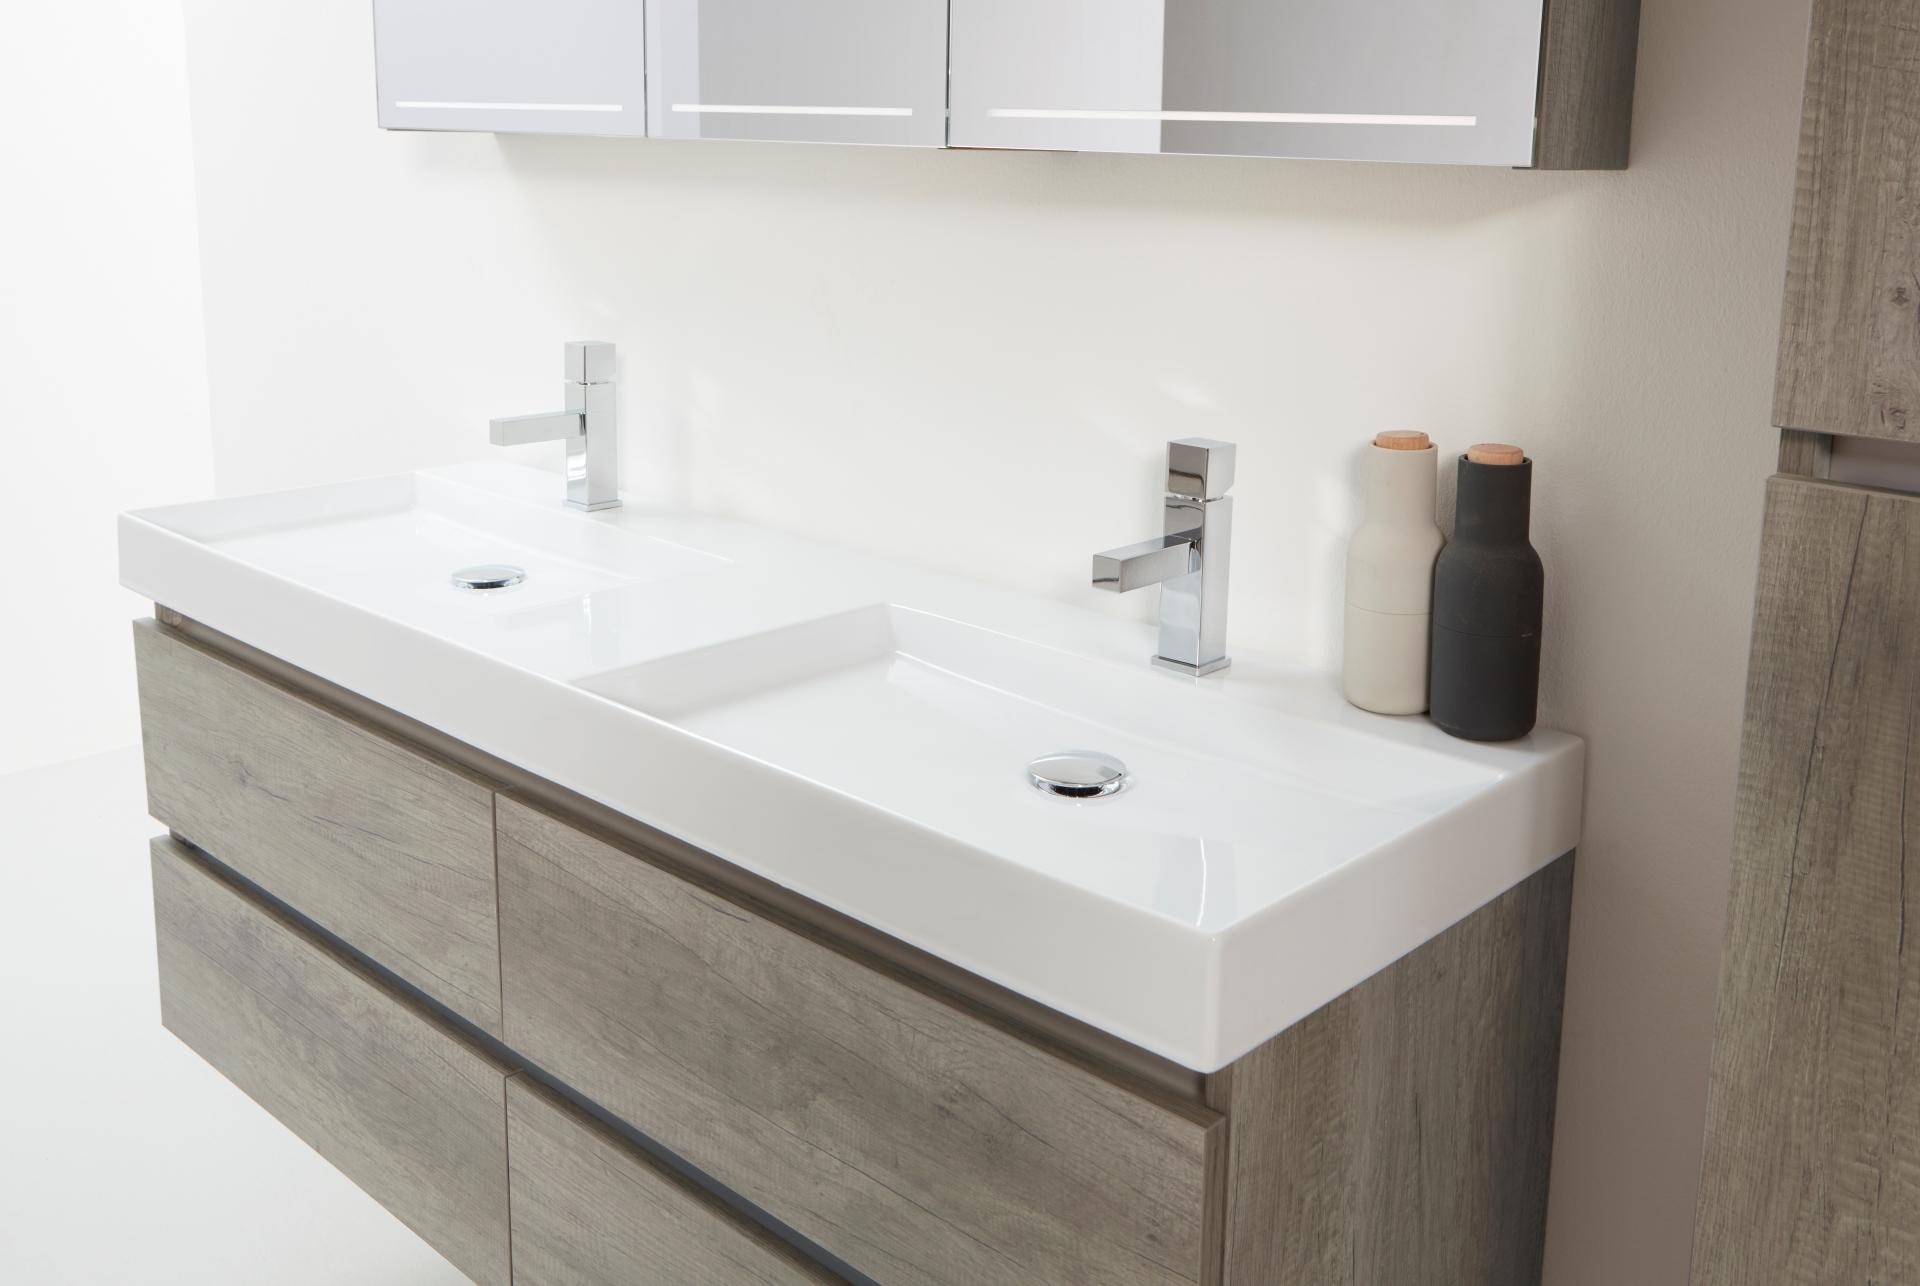 Badkamermeubel Met Kommen : Eigentijdse badkamer met badmeubel gemaakt van ruwe eiken planken